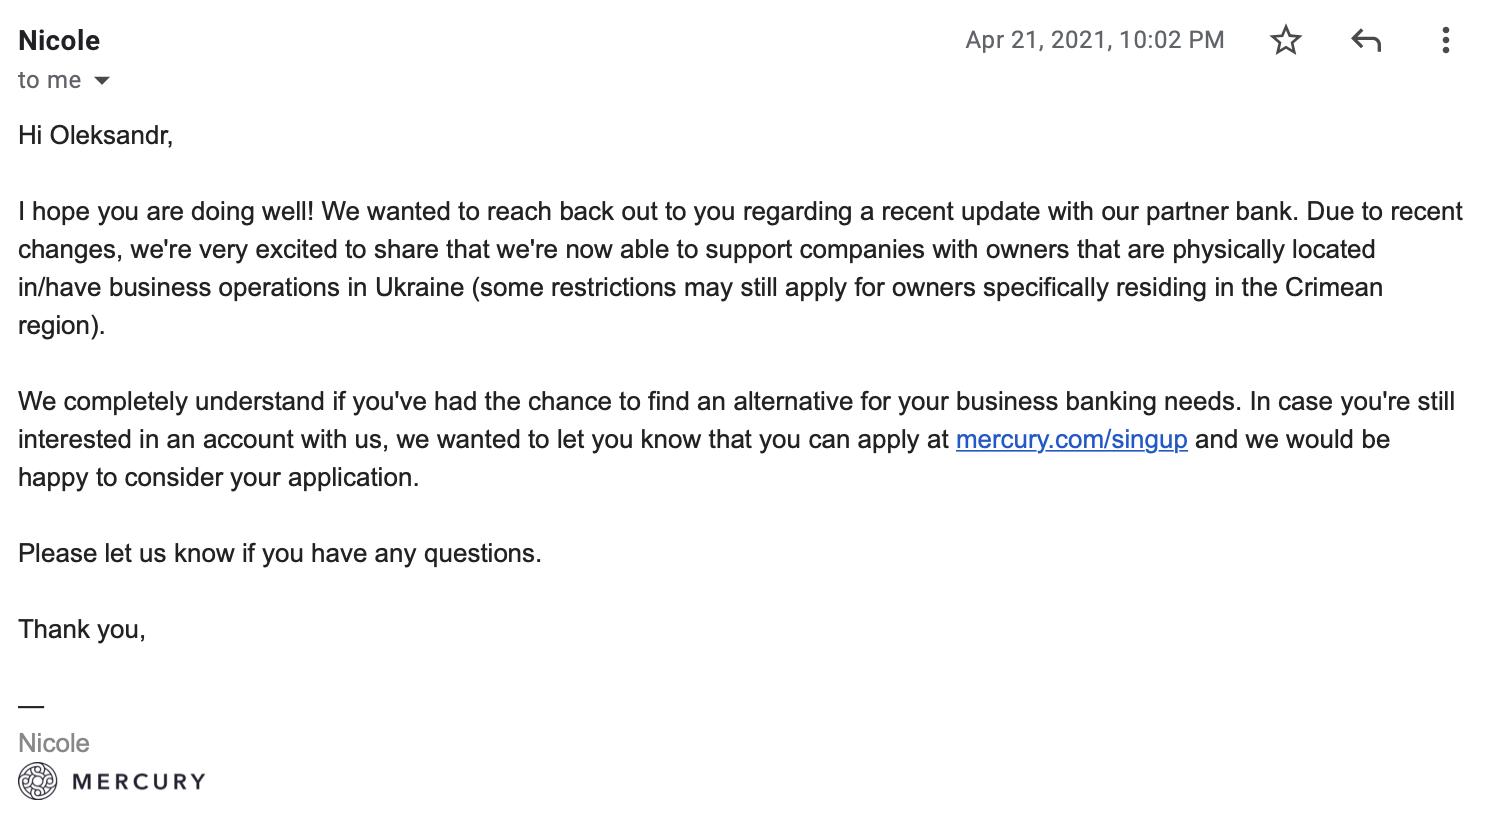 Як ми відкрили рахунок в США, не покинувши офісу в Києві: досвід українського стартапу - startups, porady, news, business